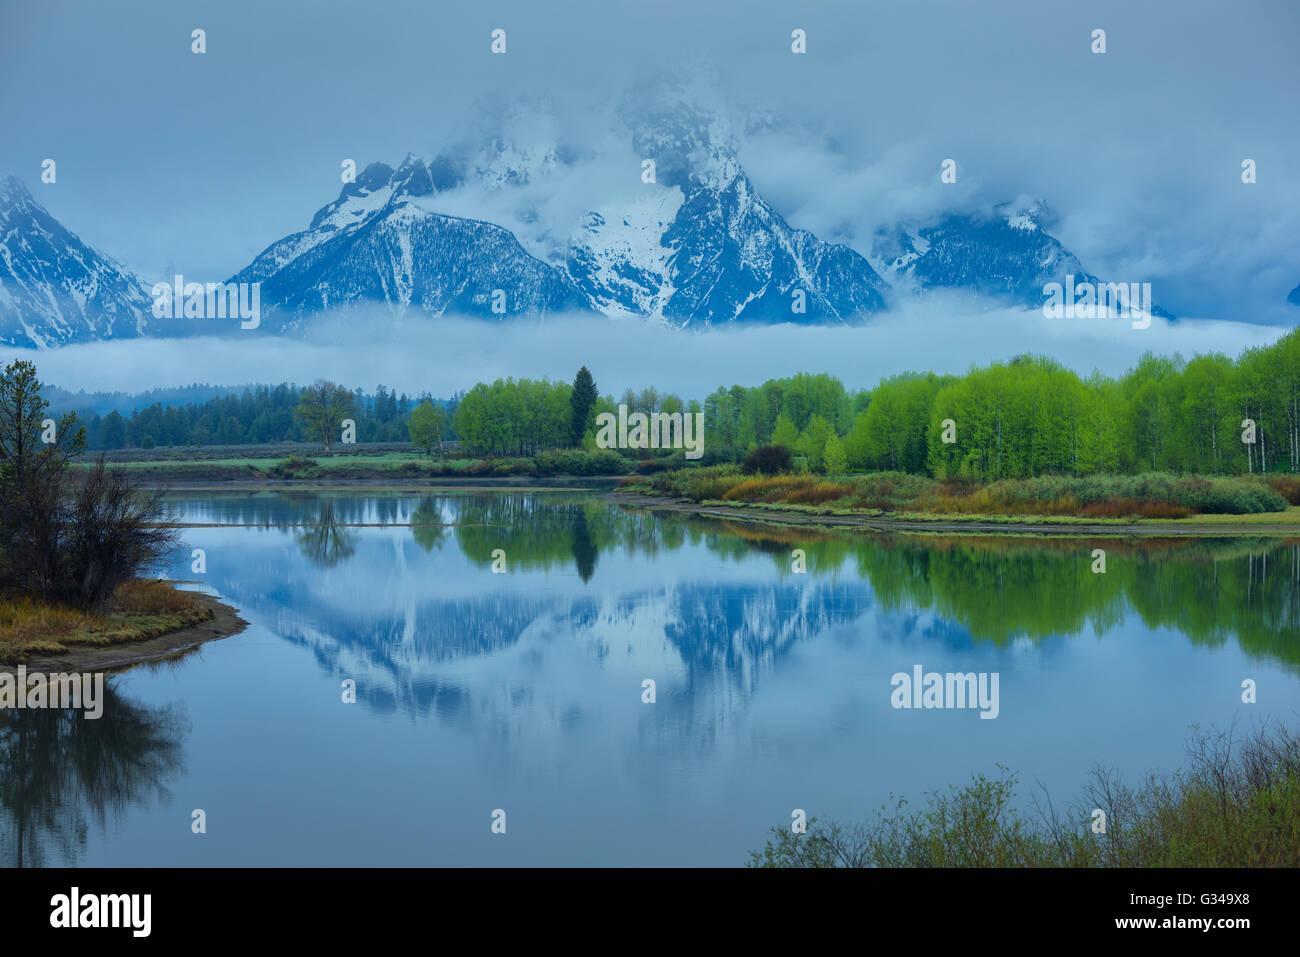 USA, Rockie Mountains in Wyoming, Grand Teton, Nationalpark, Mount Moran, Snake River, Oxbow bend Stockbild